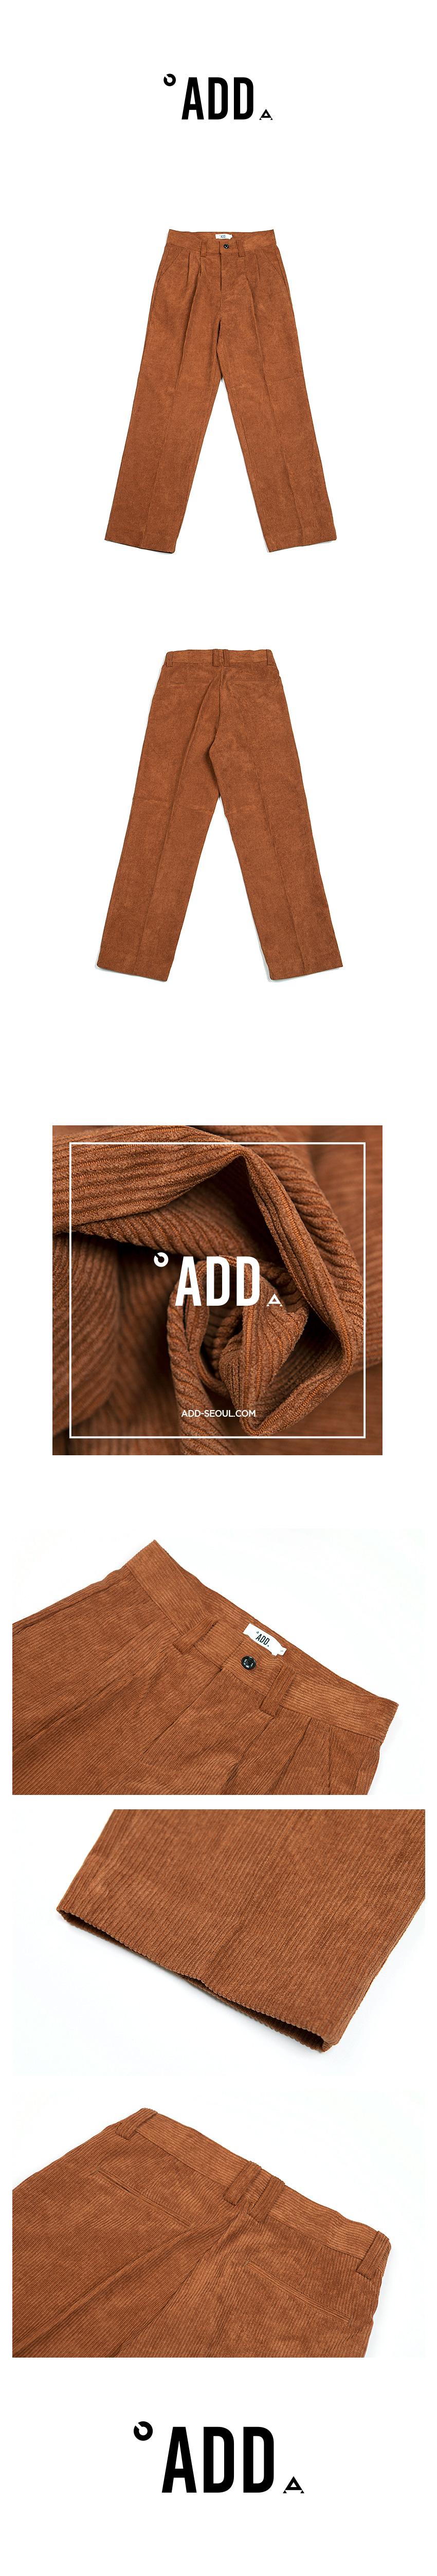 에드(ADD) CORDUROY WIDE PANTS BROWN